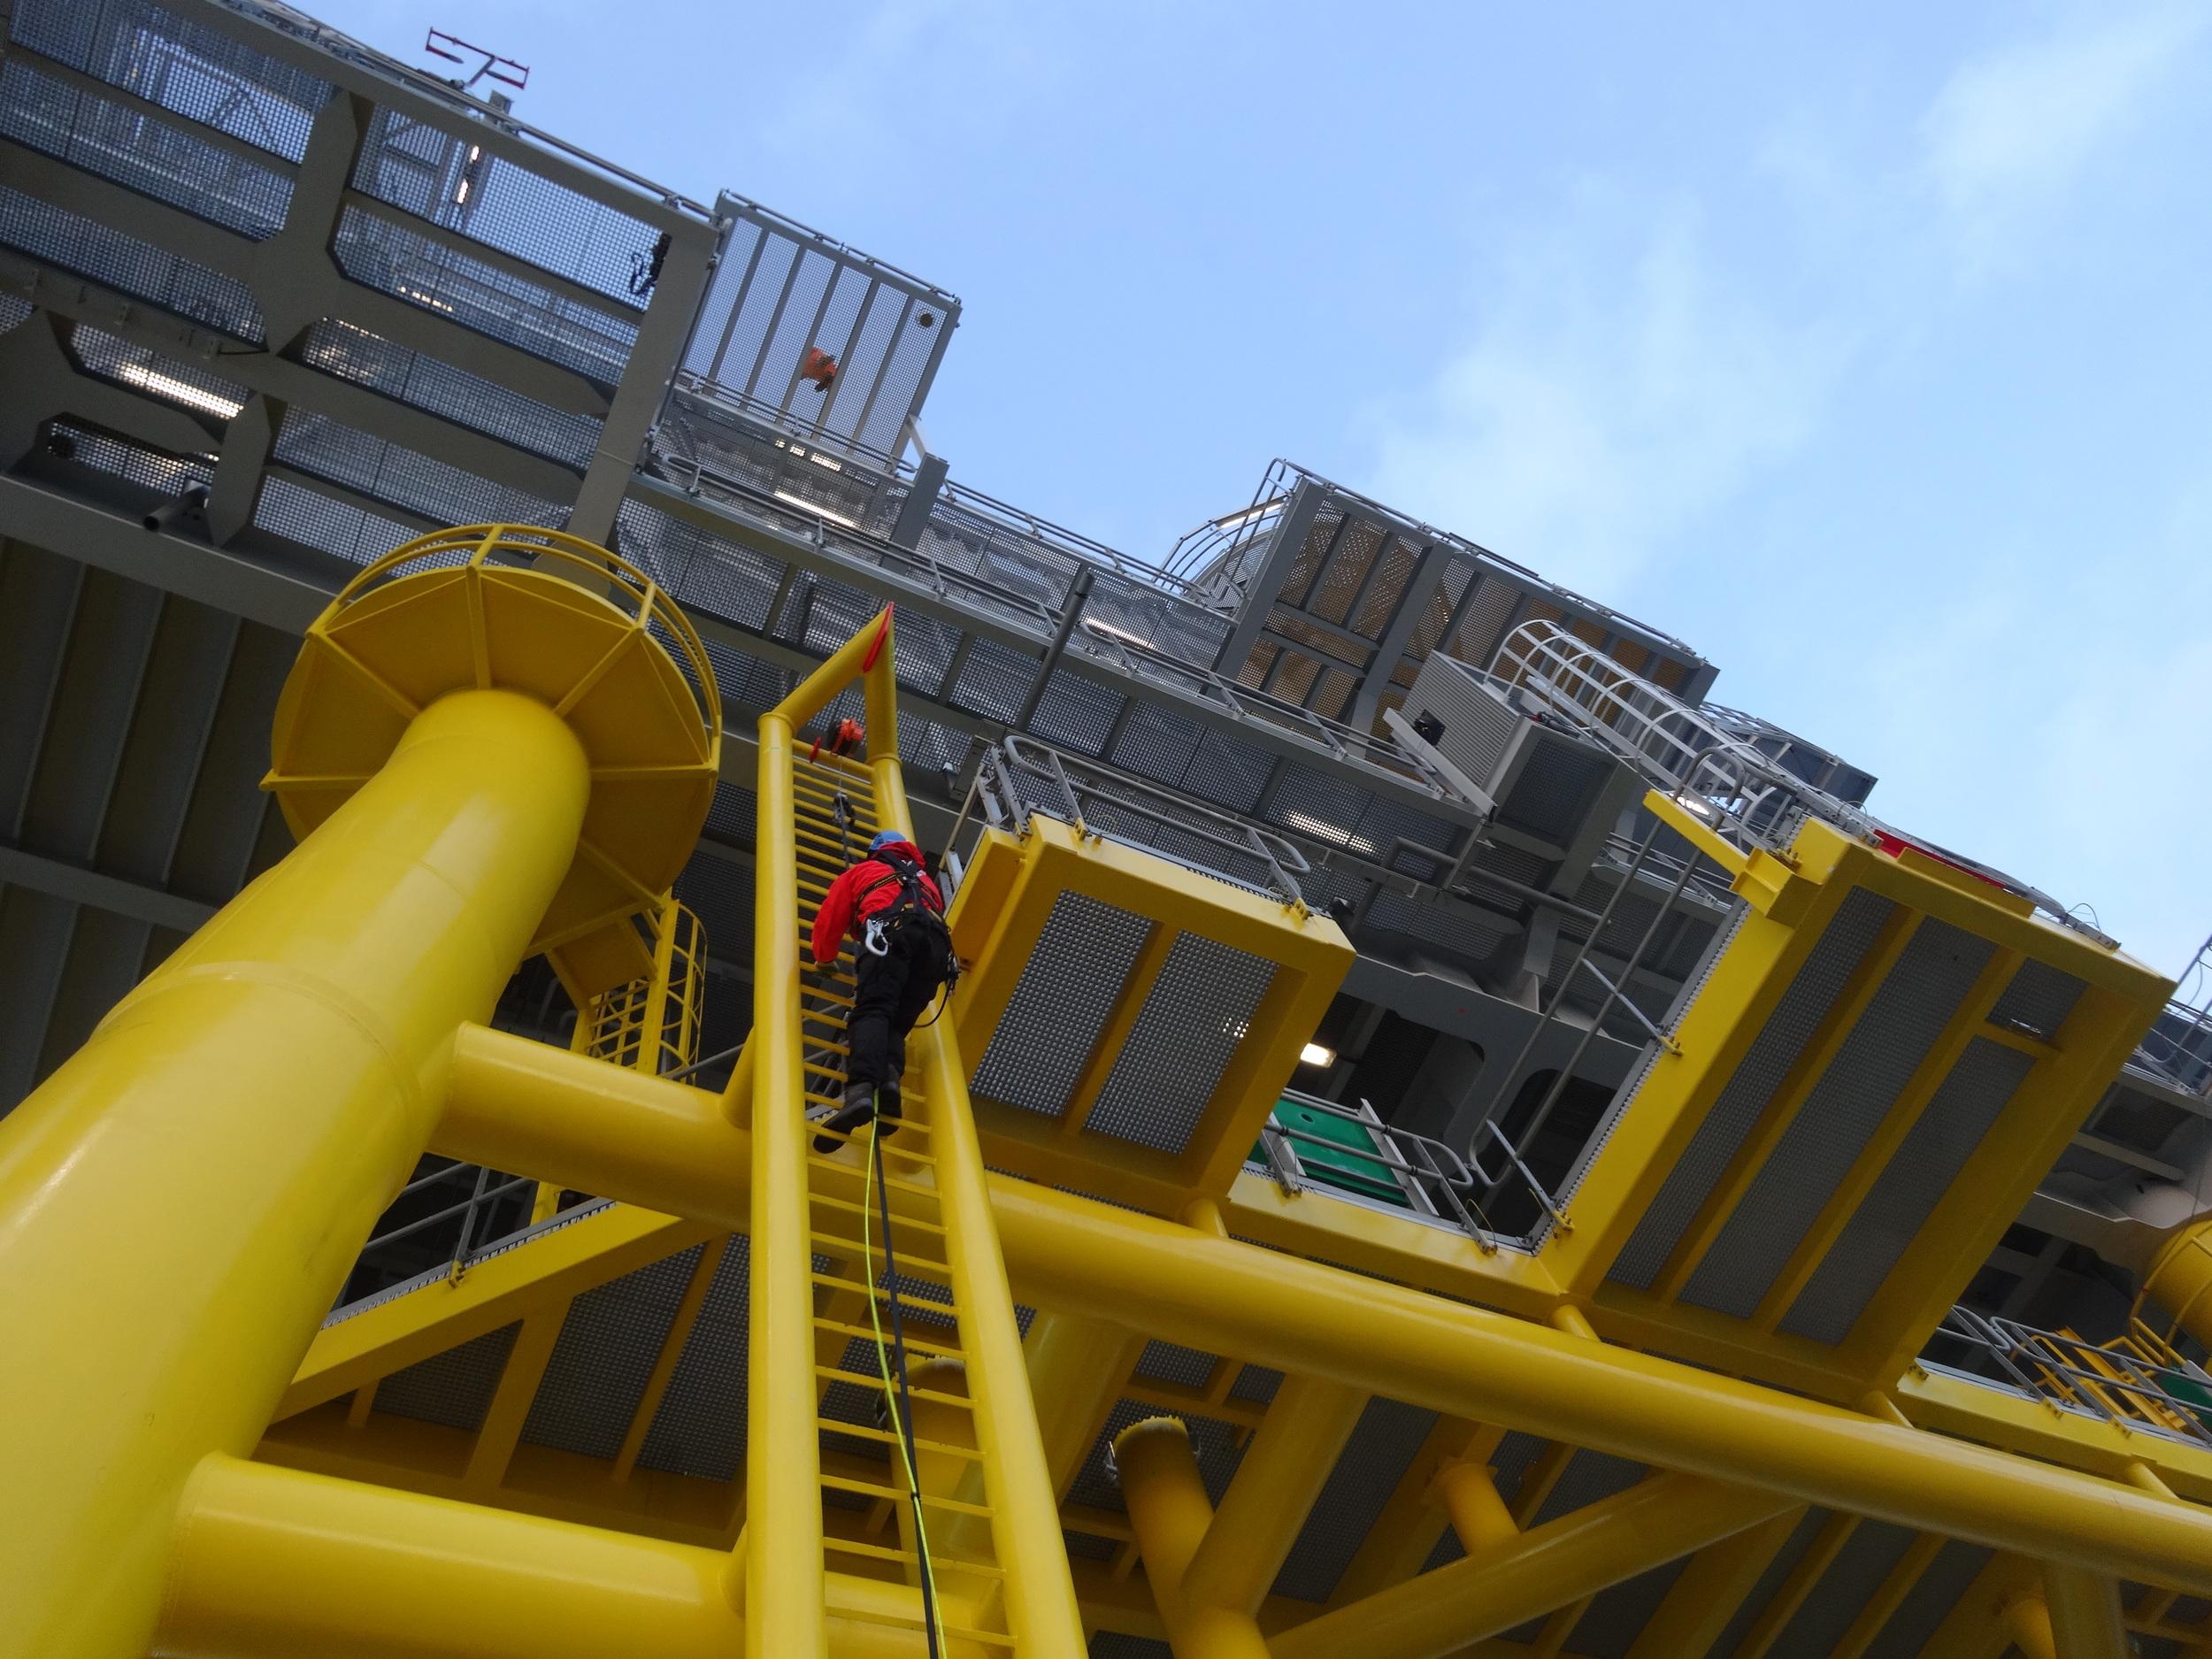 Van de CTV de OHVS op klimmen